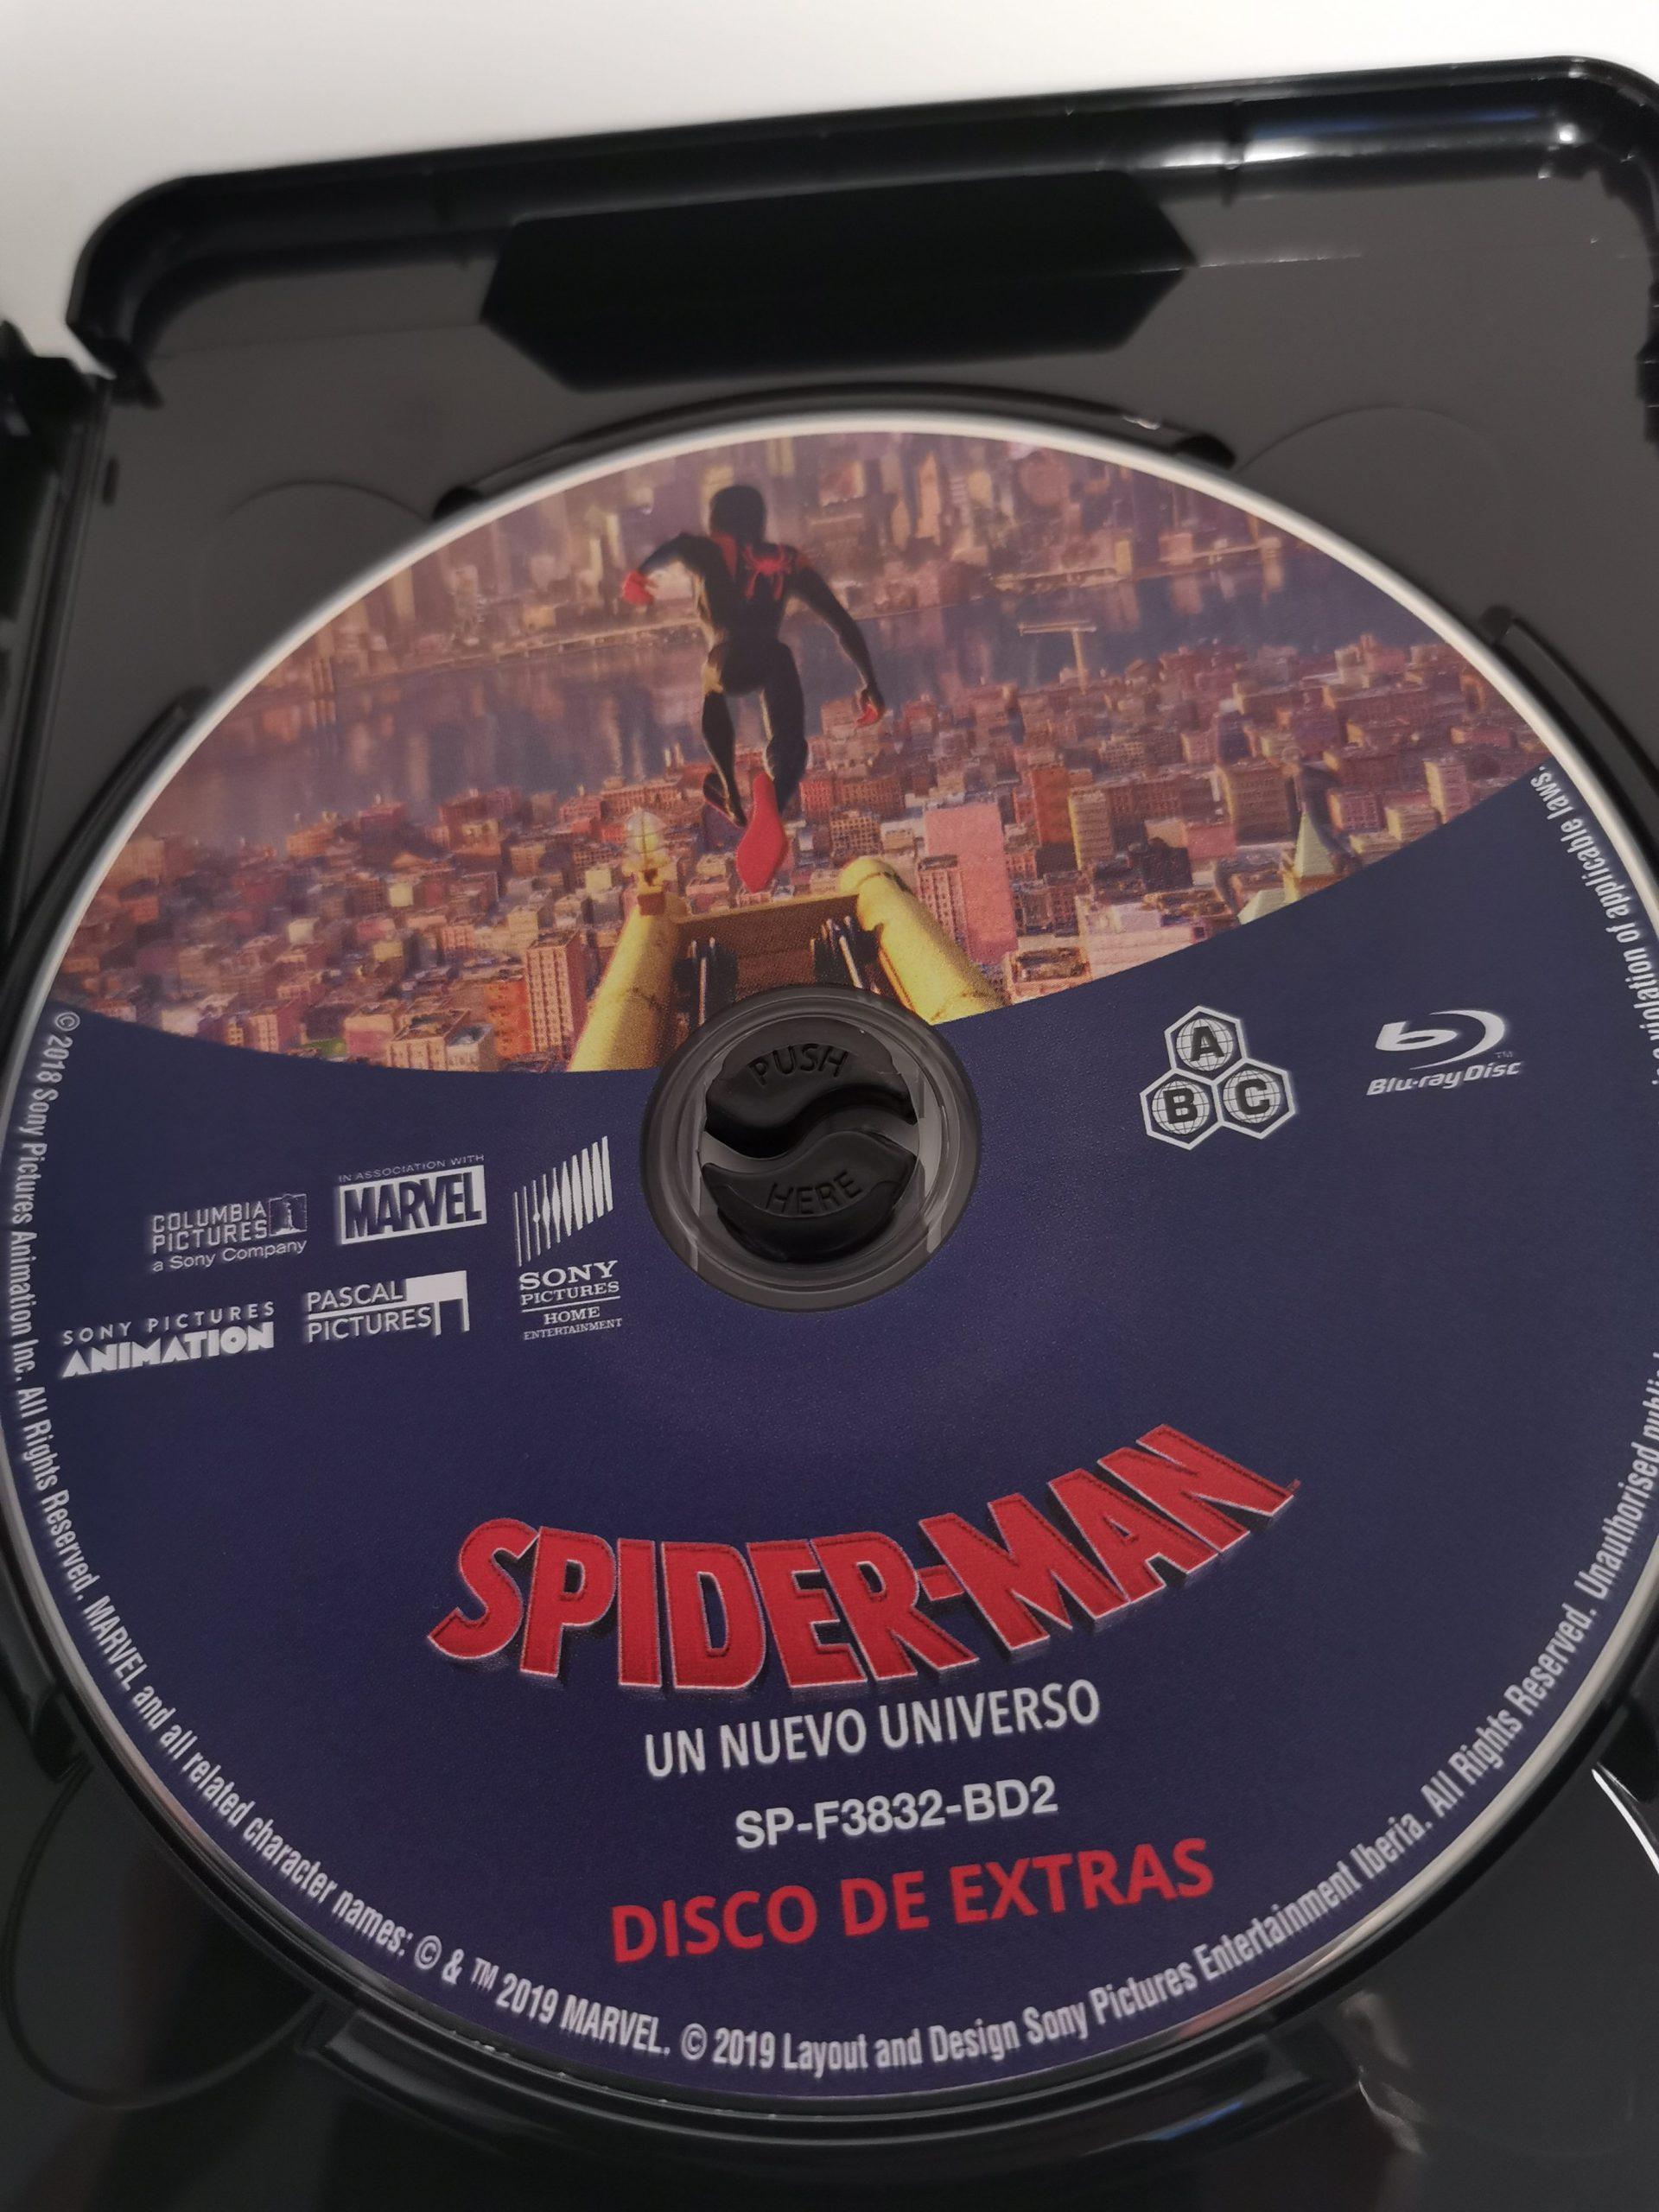 Spider-Man Un nuevo universo extras